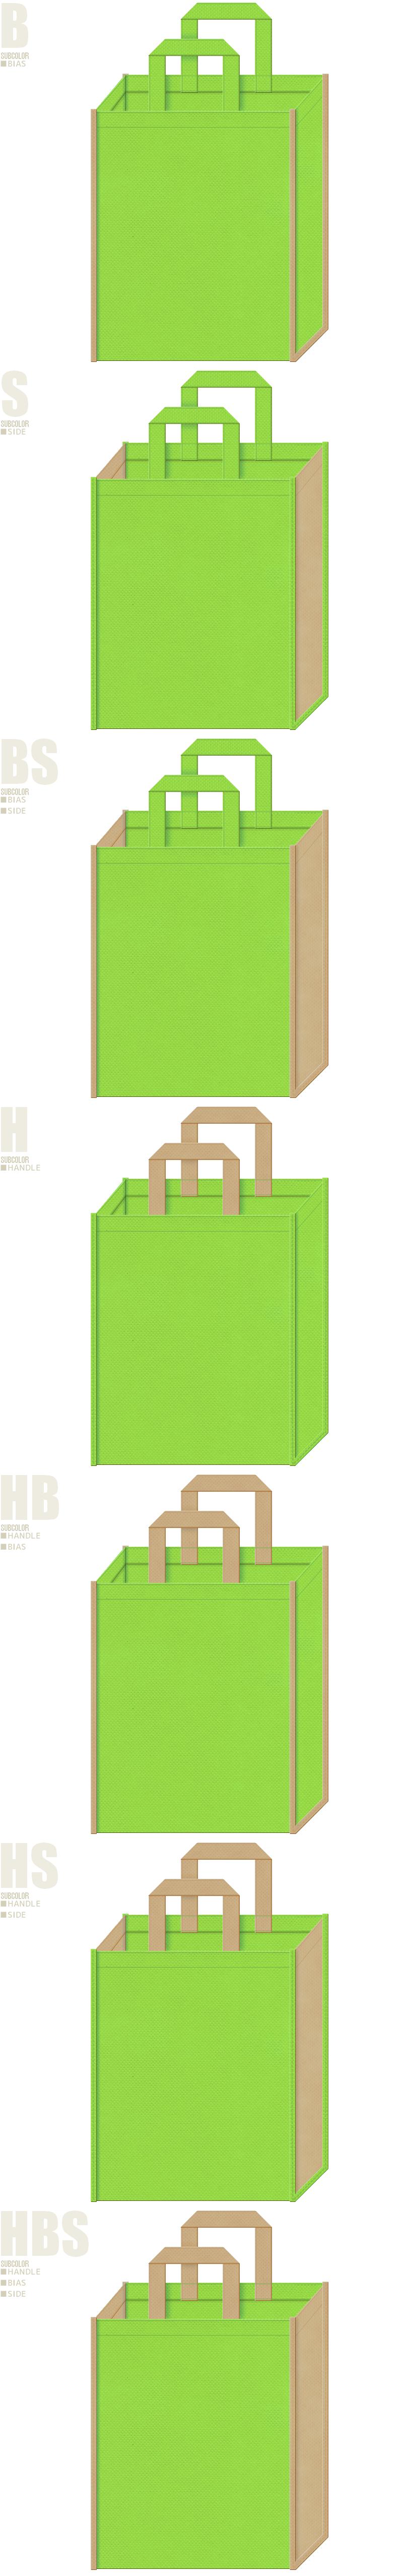 野菜・牧場・産直市場・園芸用品の展示会用バッグにお奨めの不織布バッグデザイン:黄緑色とカーキ色の配色7パターン